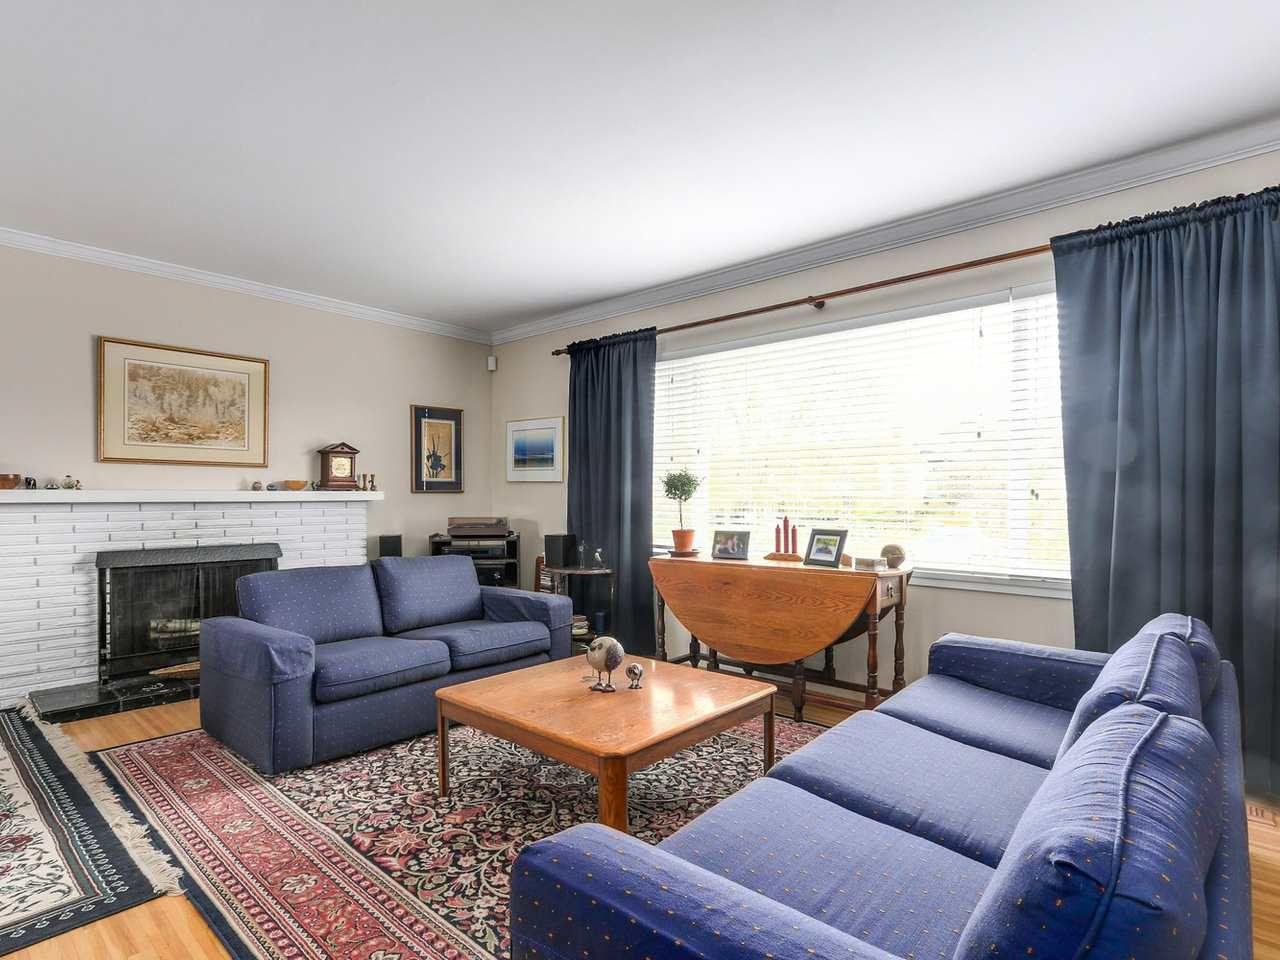 Main Photo: 8471 FAIRHURST Road in Richmond: Seafair House for sale : MLS®# R2141922